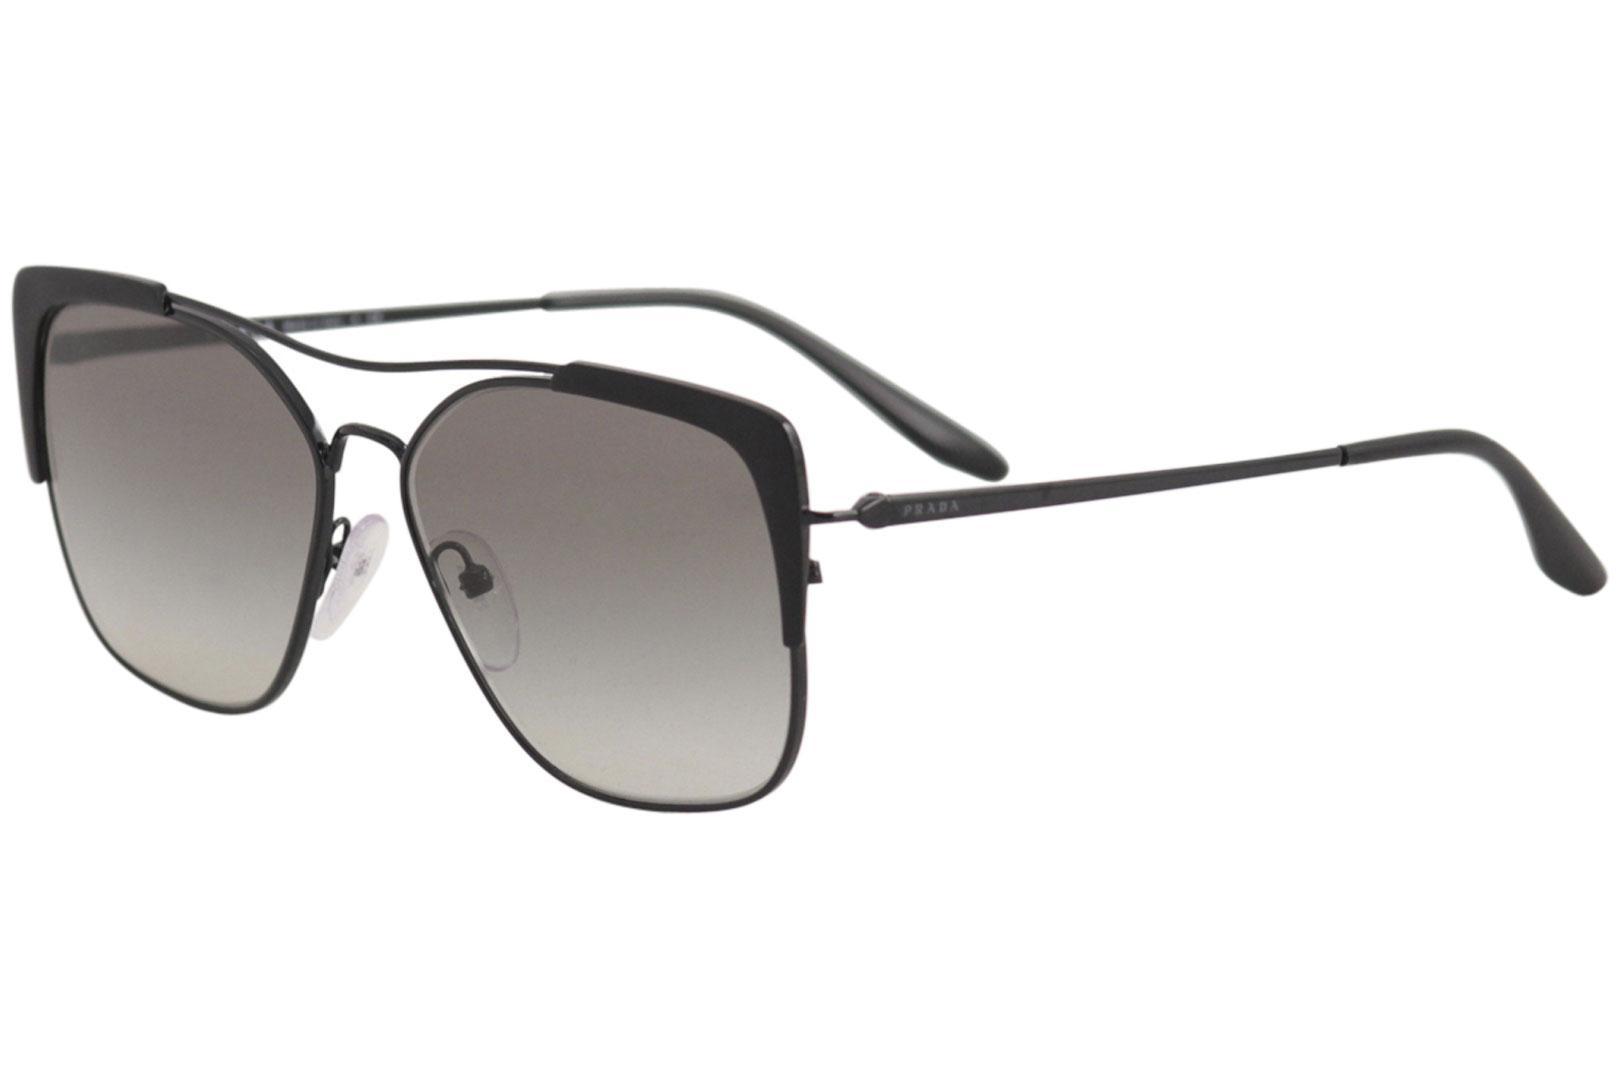 05c787a092 Prada Women s SPR54V SPR 54 V Fashion Pilot Sunglasses